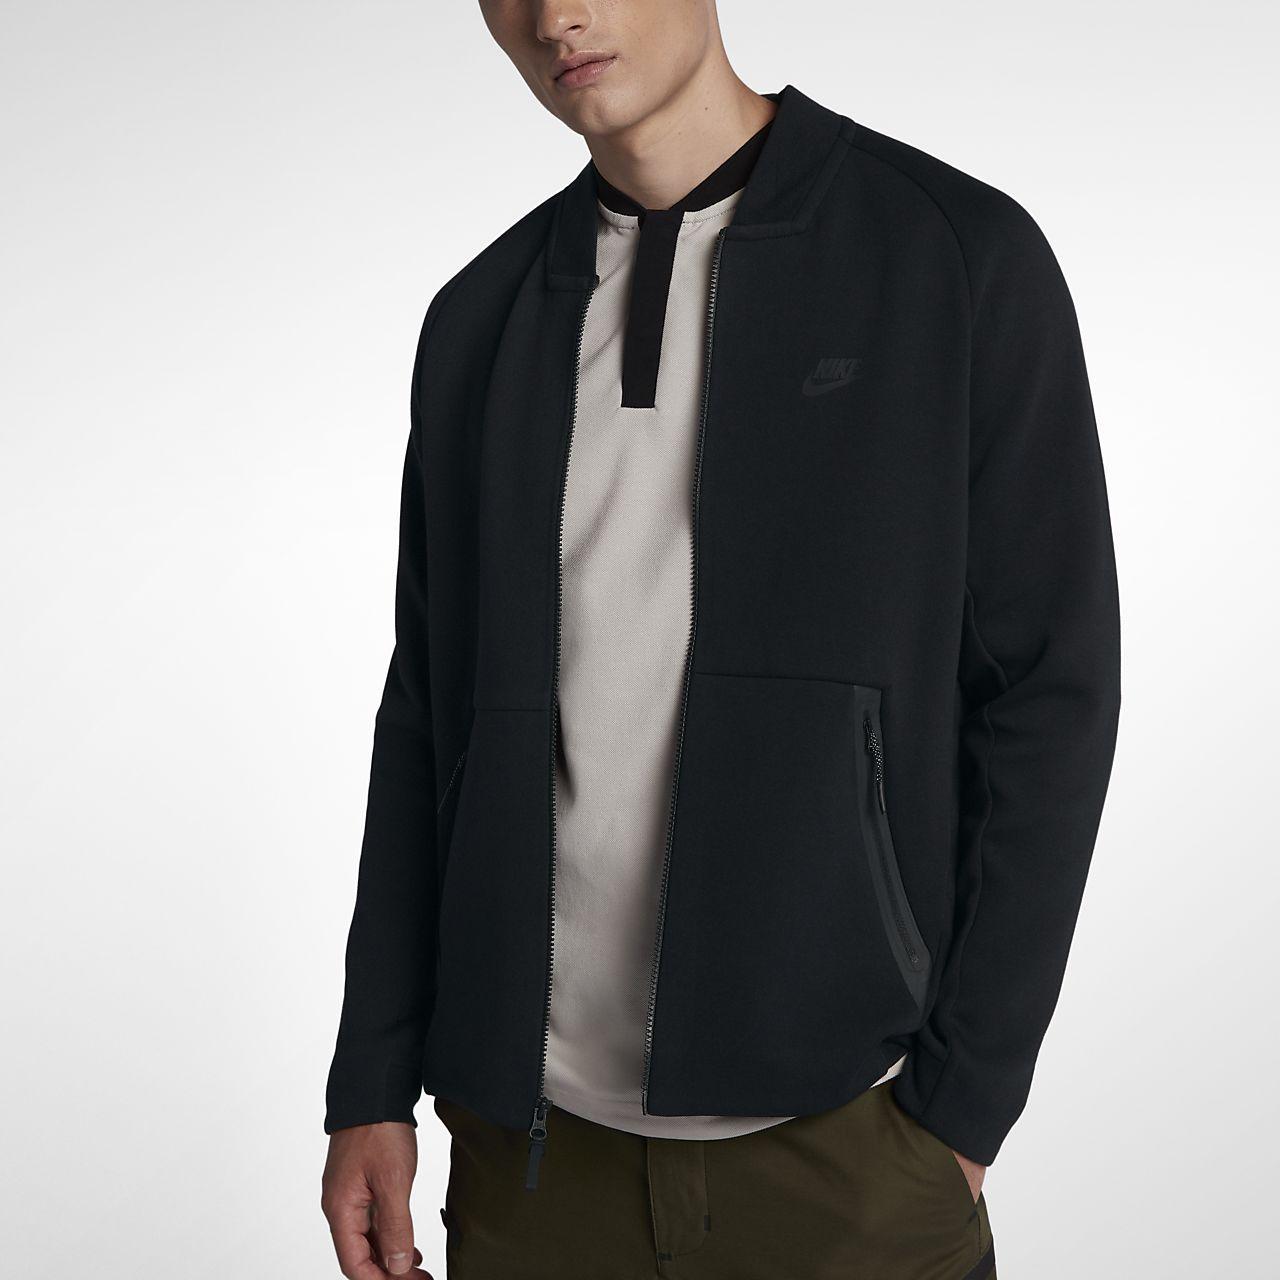 Nike Sportswear Tech Fleece Men's Varsity Jacket XS | Nike